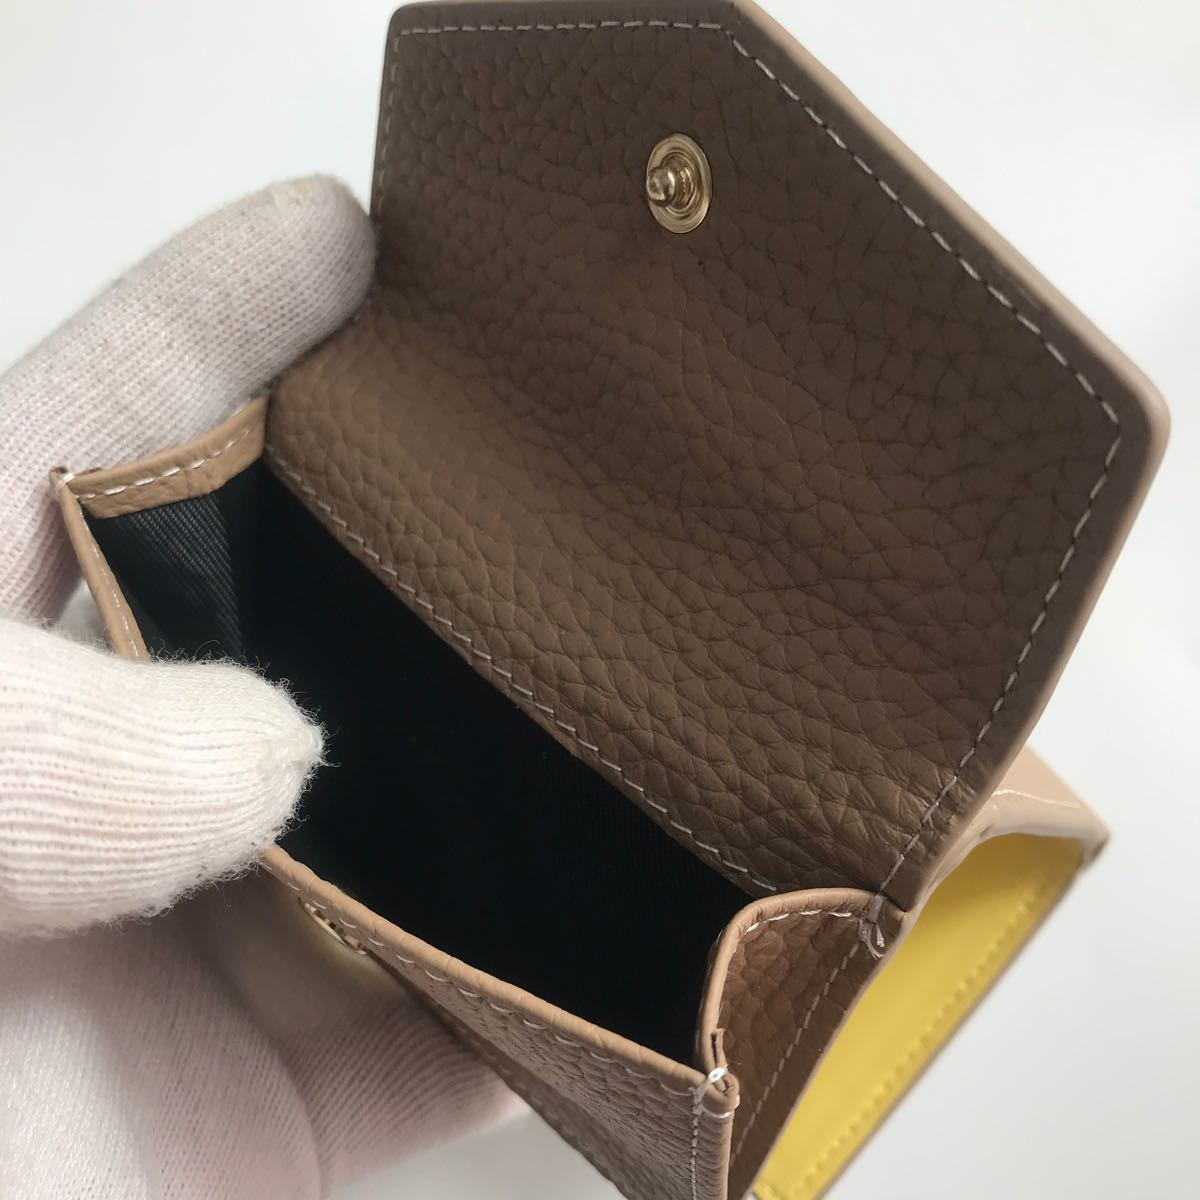 イタリアンレザー 牛革 本革 三つ折り財布 コンパクト ミニ財布 人気